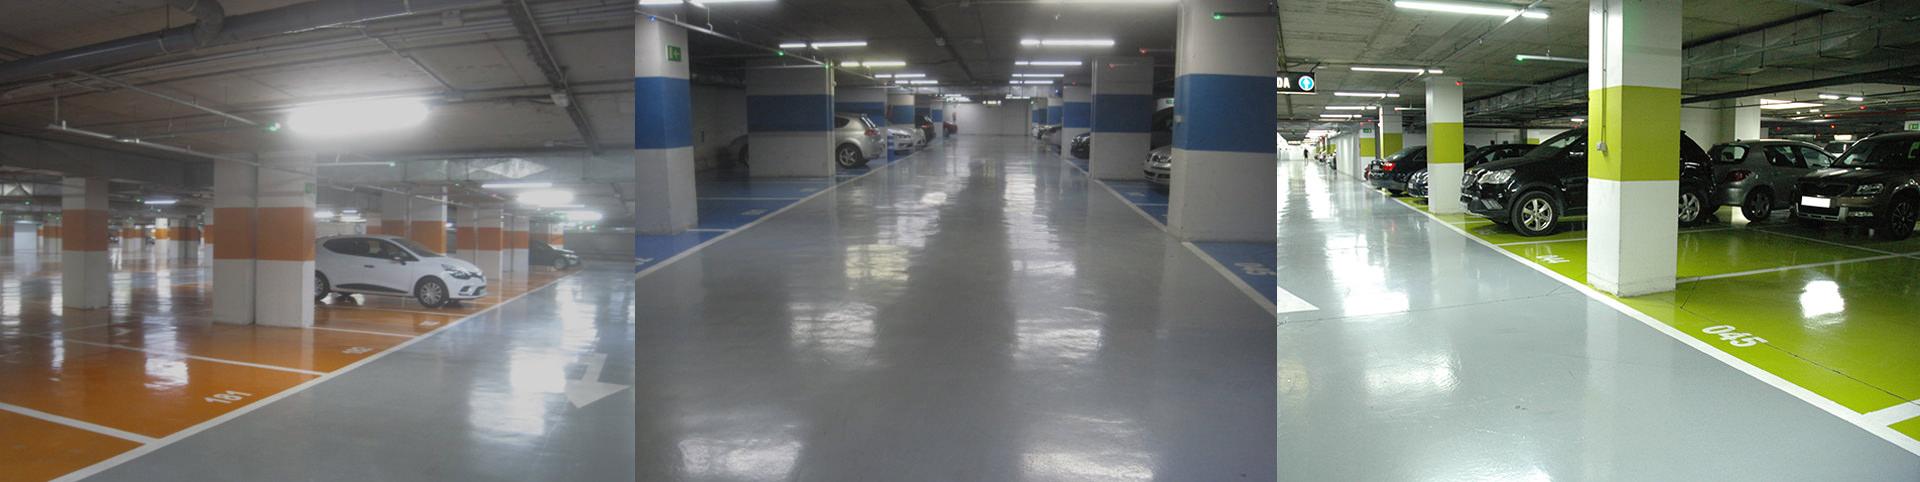 pavimento parking en hospital reina sofia - tudepa